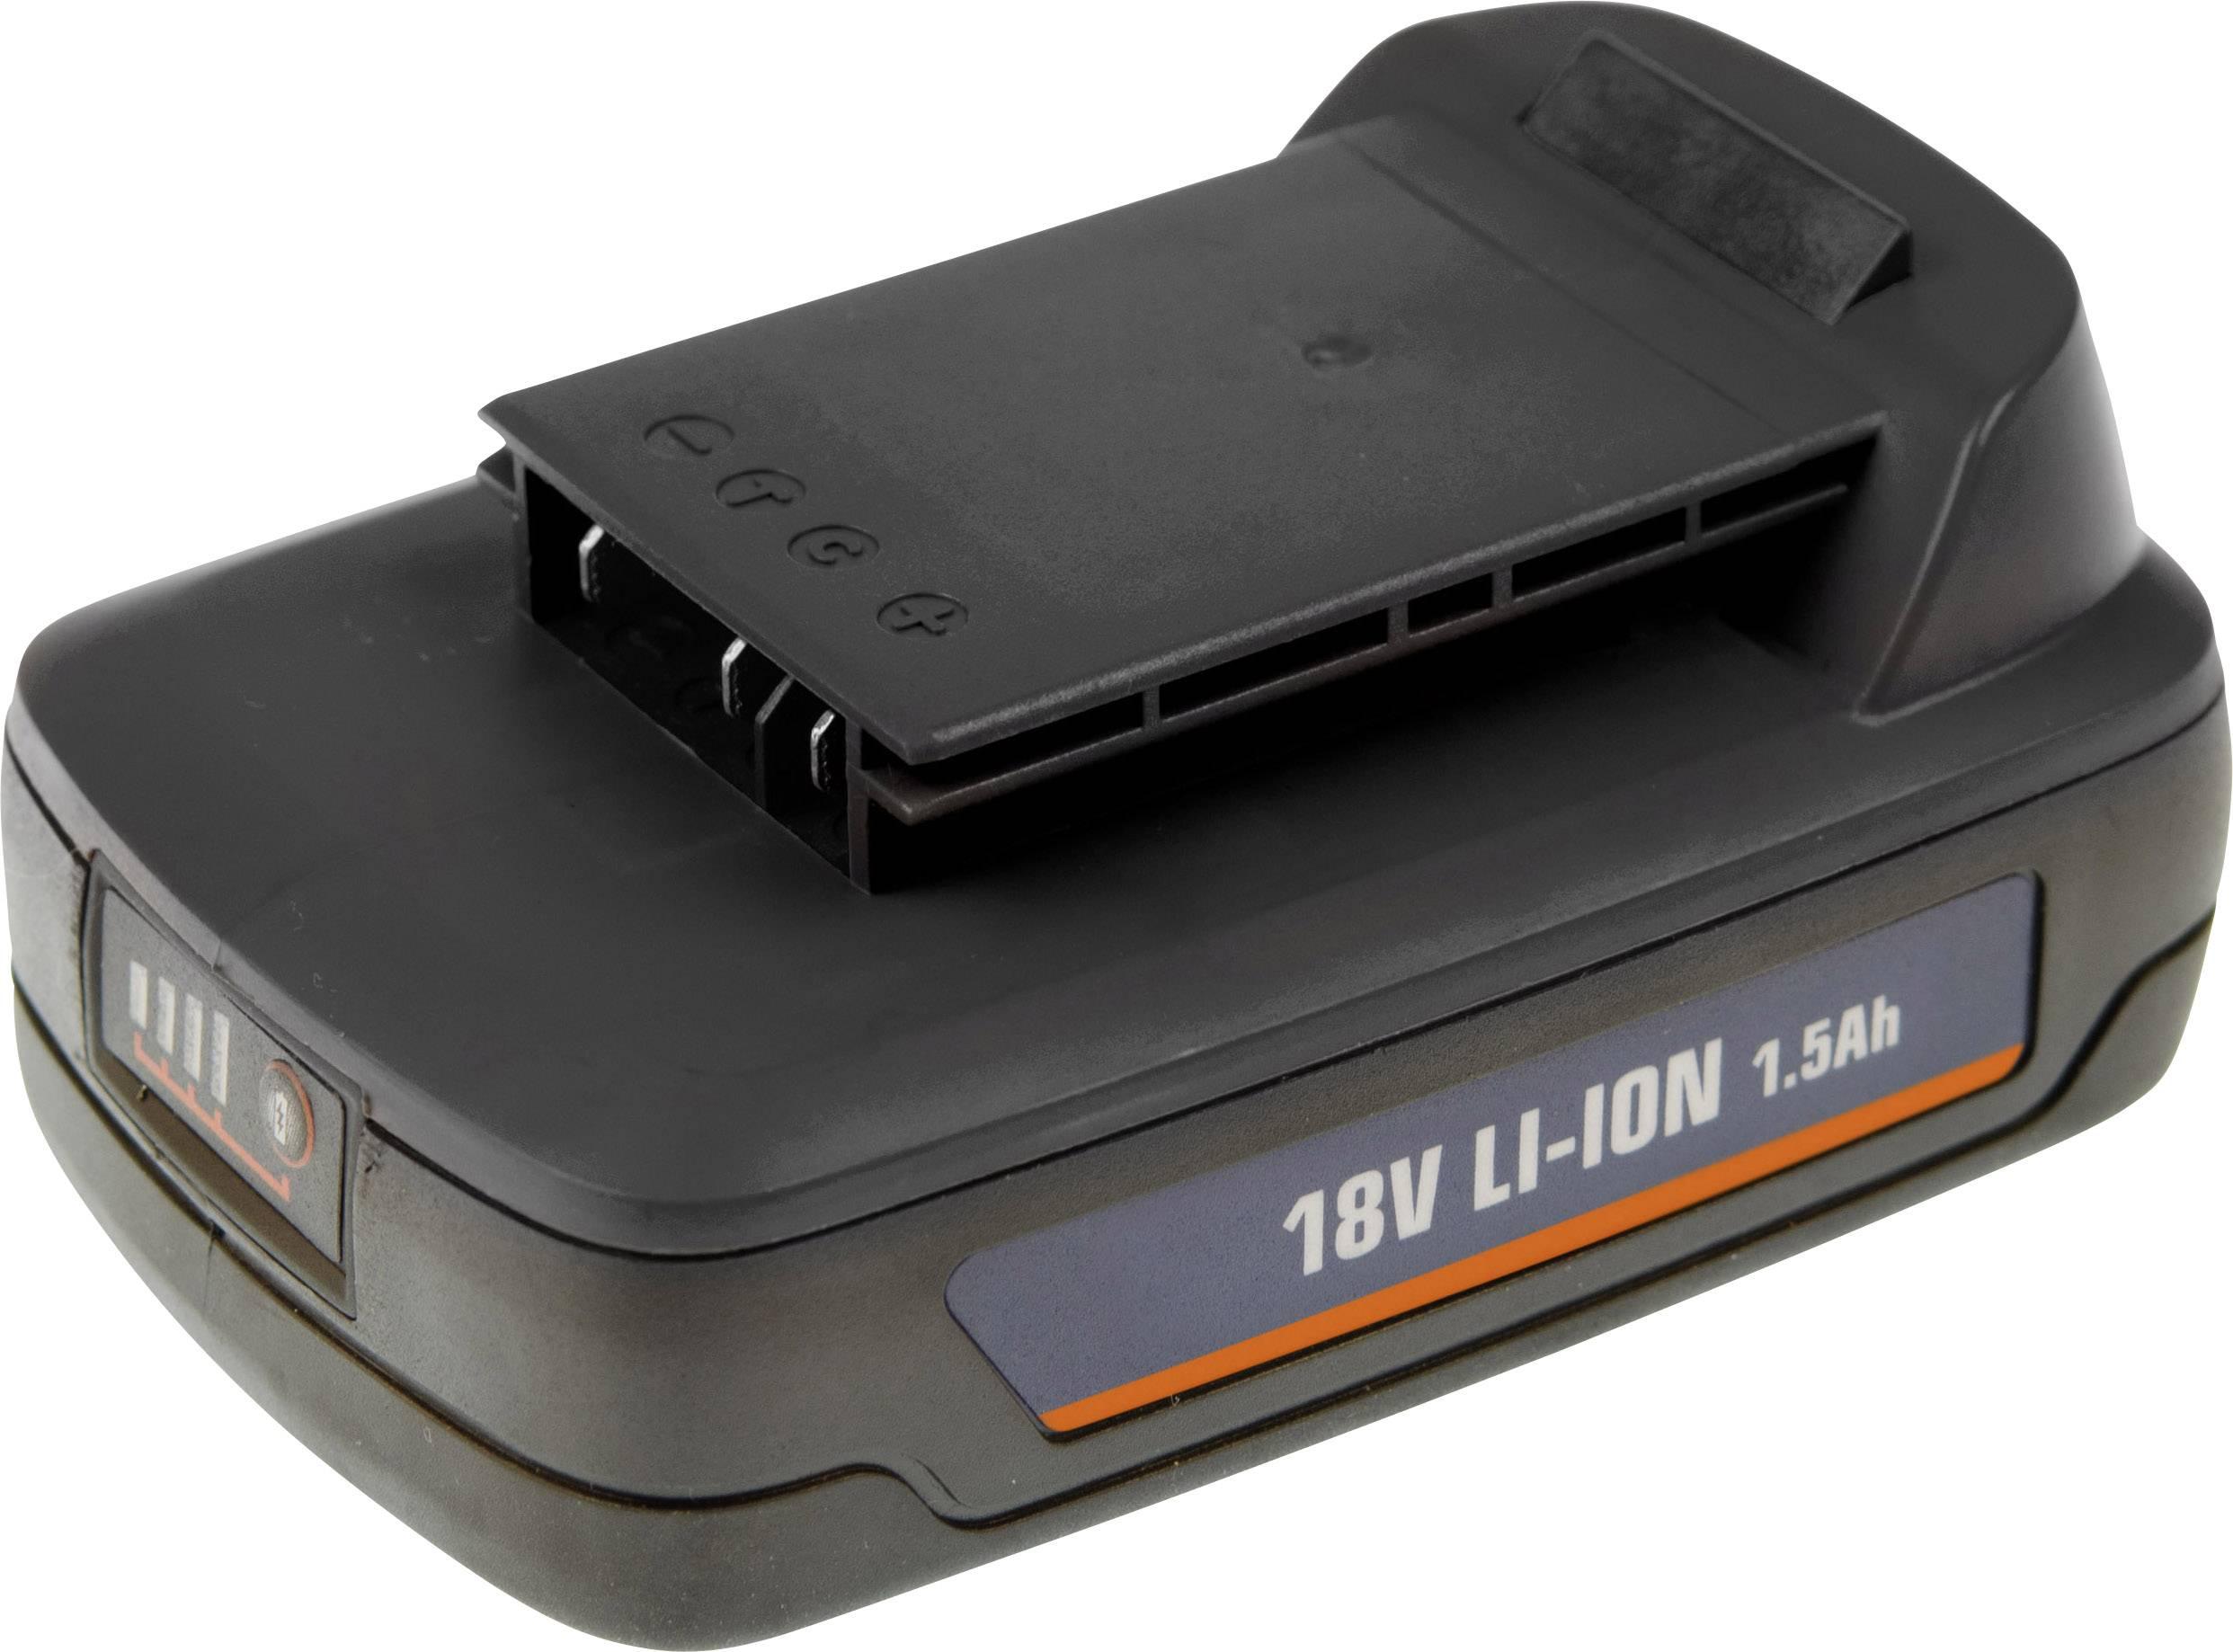 Náhradní akumulátor pro elektrické nářadí, Ferm CDA1077S CDA1077S, 18 V, 1.5 Ah, Li-Ion akumulátor